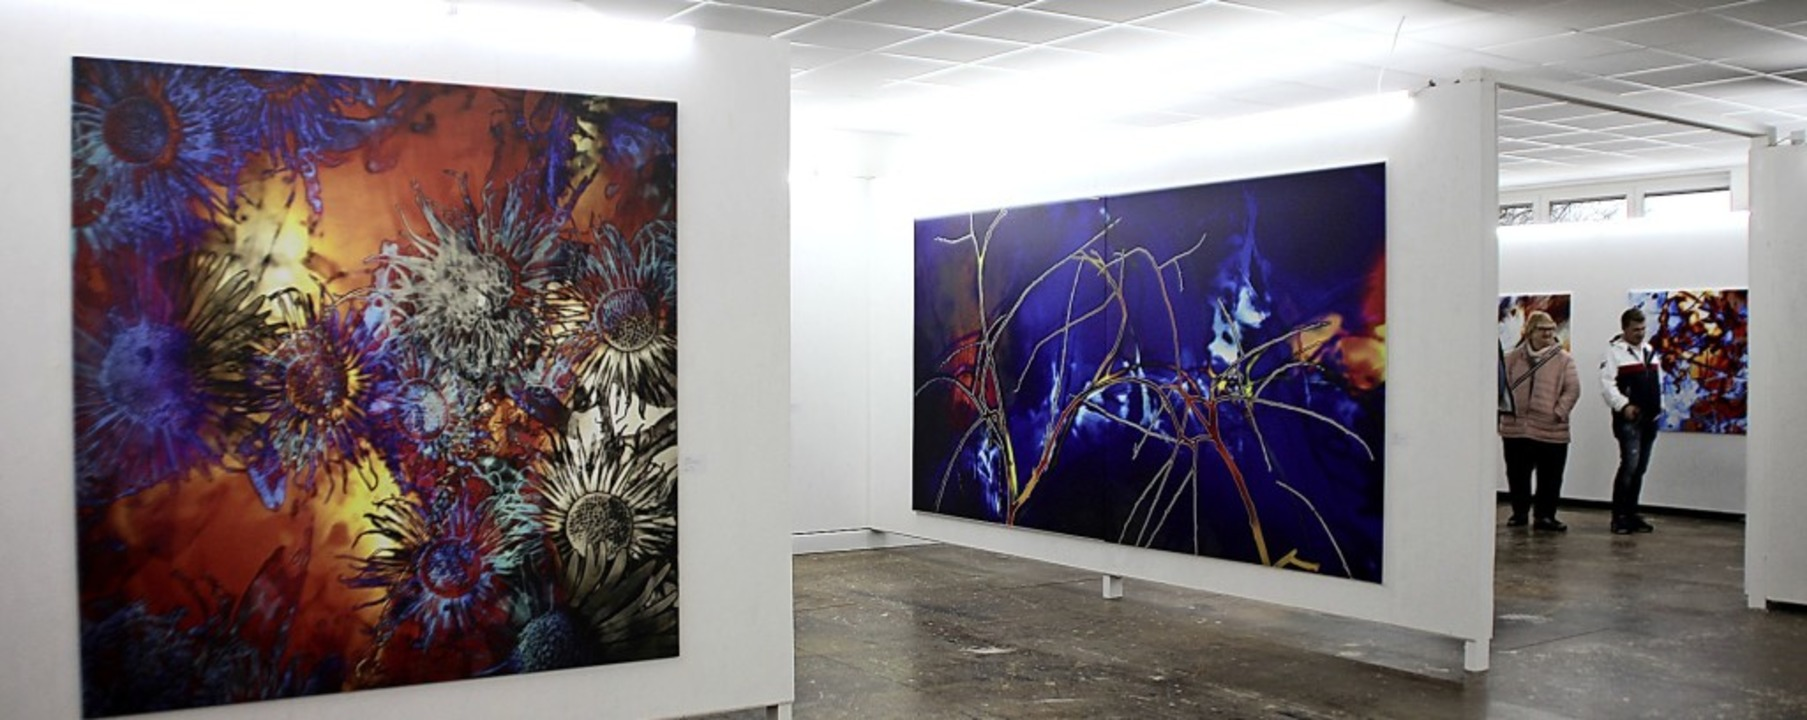 Große Druckarbeiten von Peter Boehler in der Galerie M Beck in Ebersweier   | Foto: Eri Sieberts